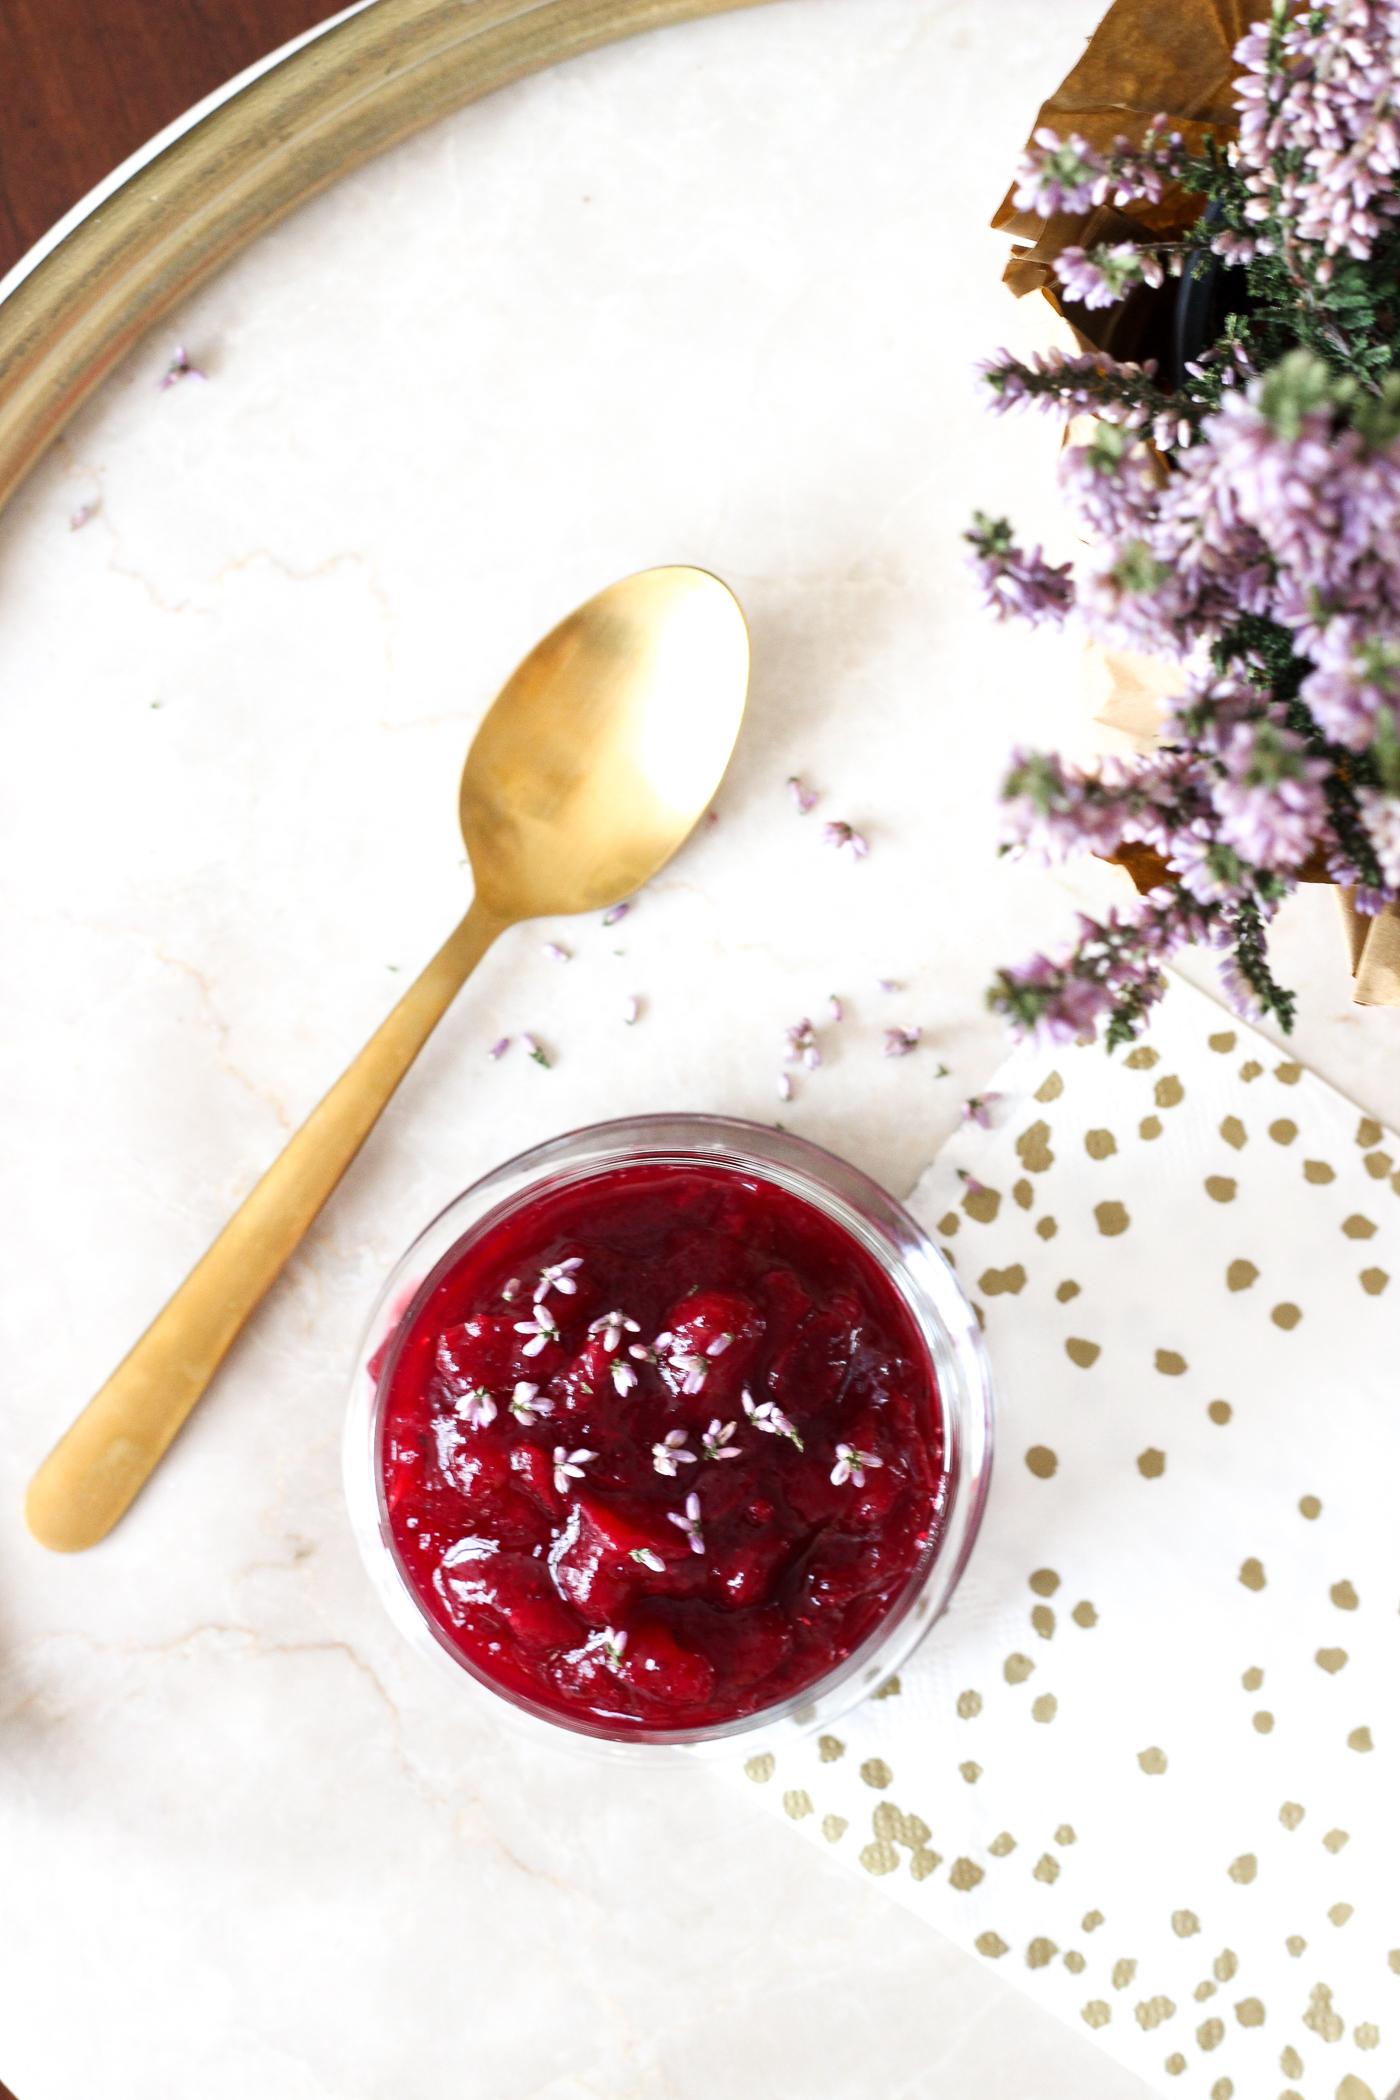 lavender-and-lemon-cranberry-sauce-3